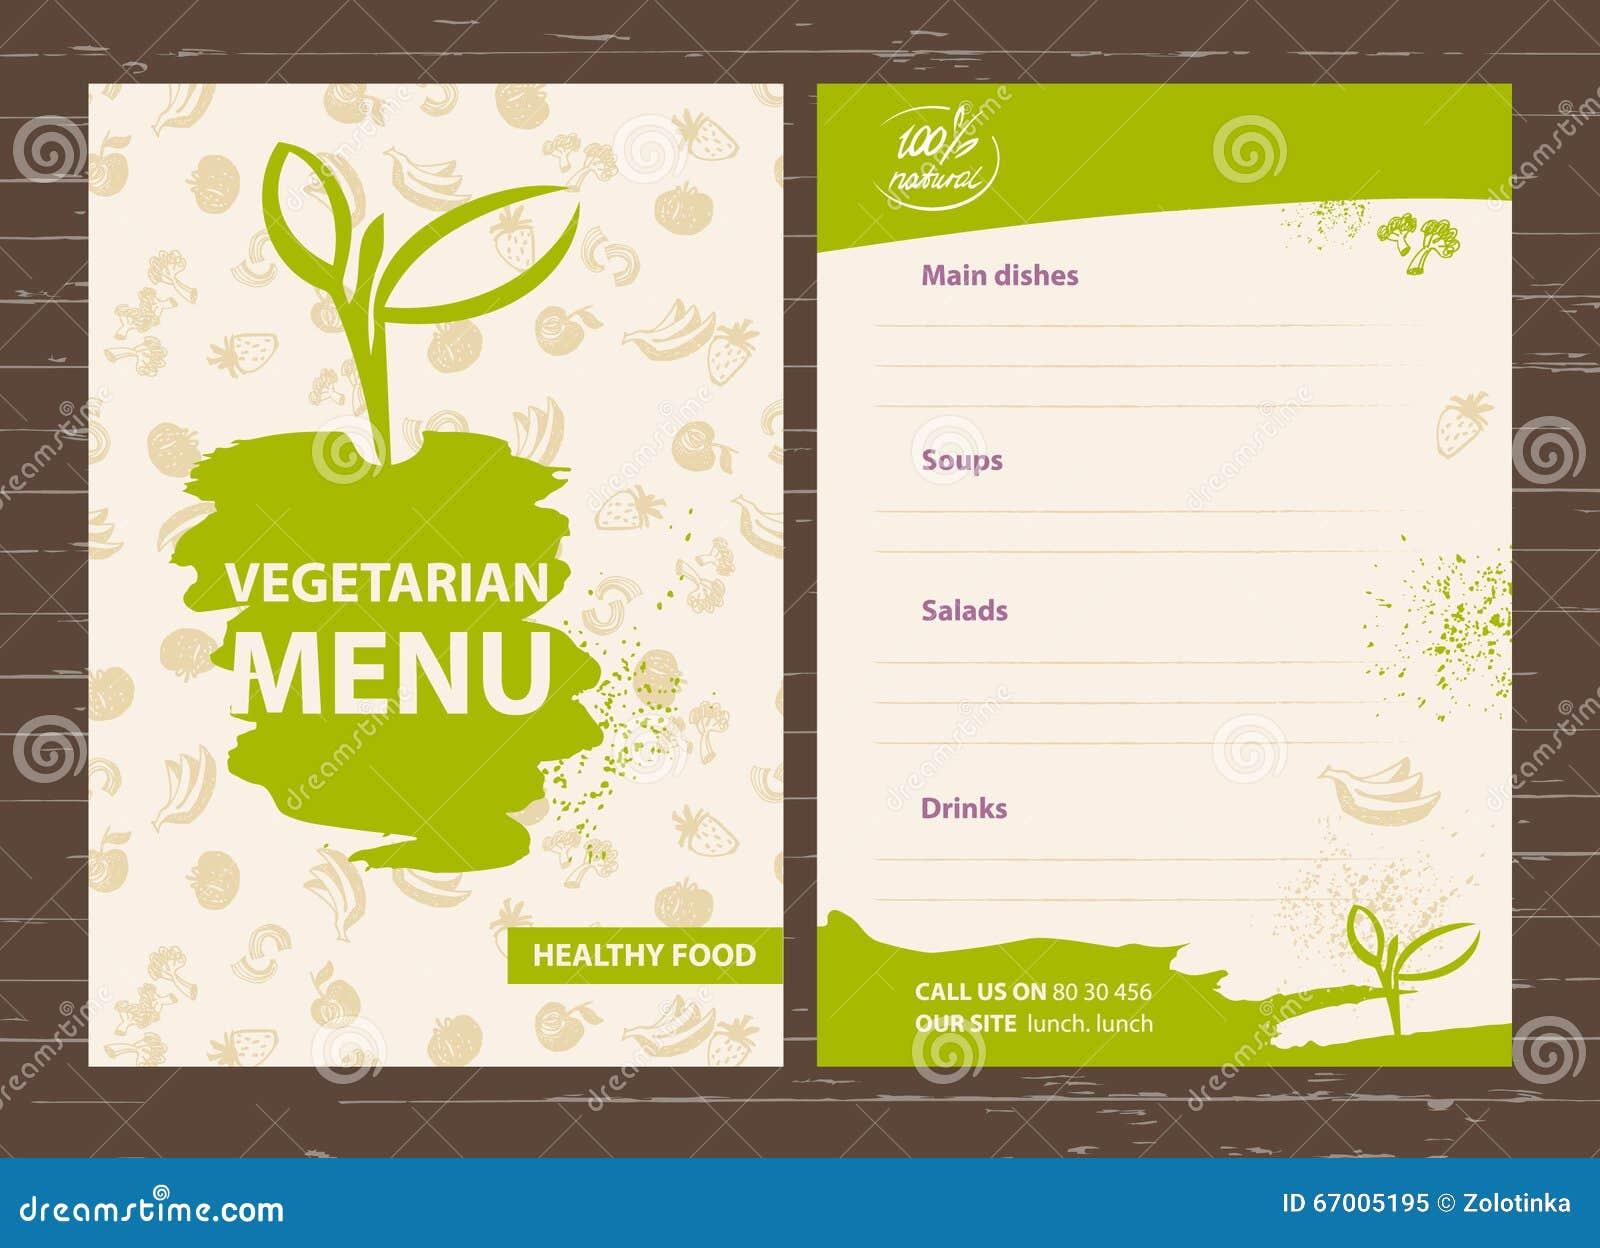 Modello di un menu vegetariano per un caff ristorante for Formatos y controles para restaurantes gratis